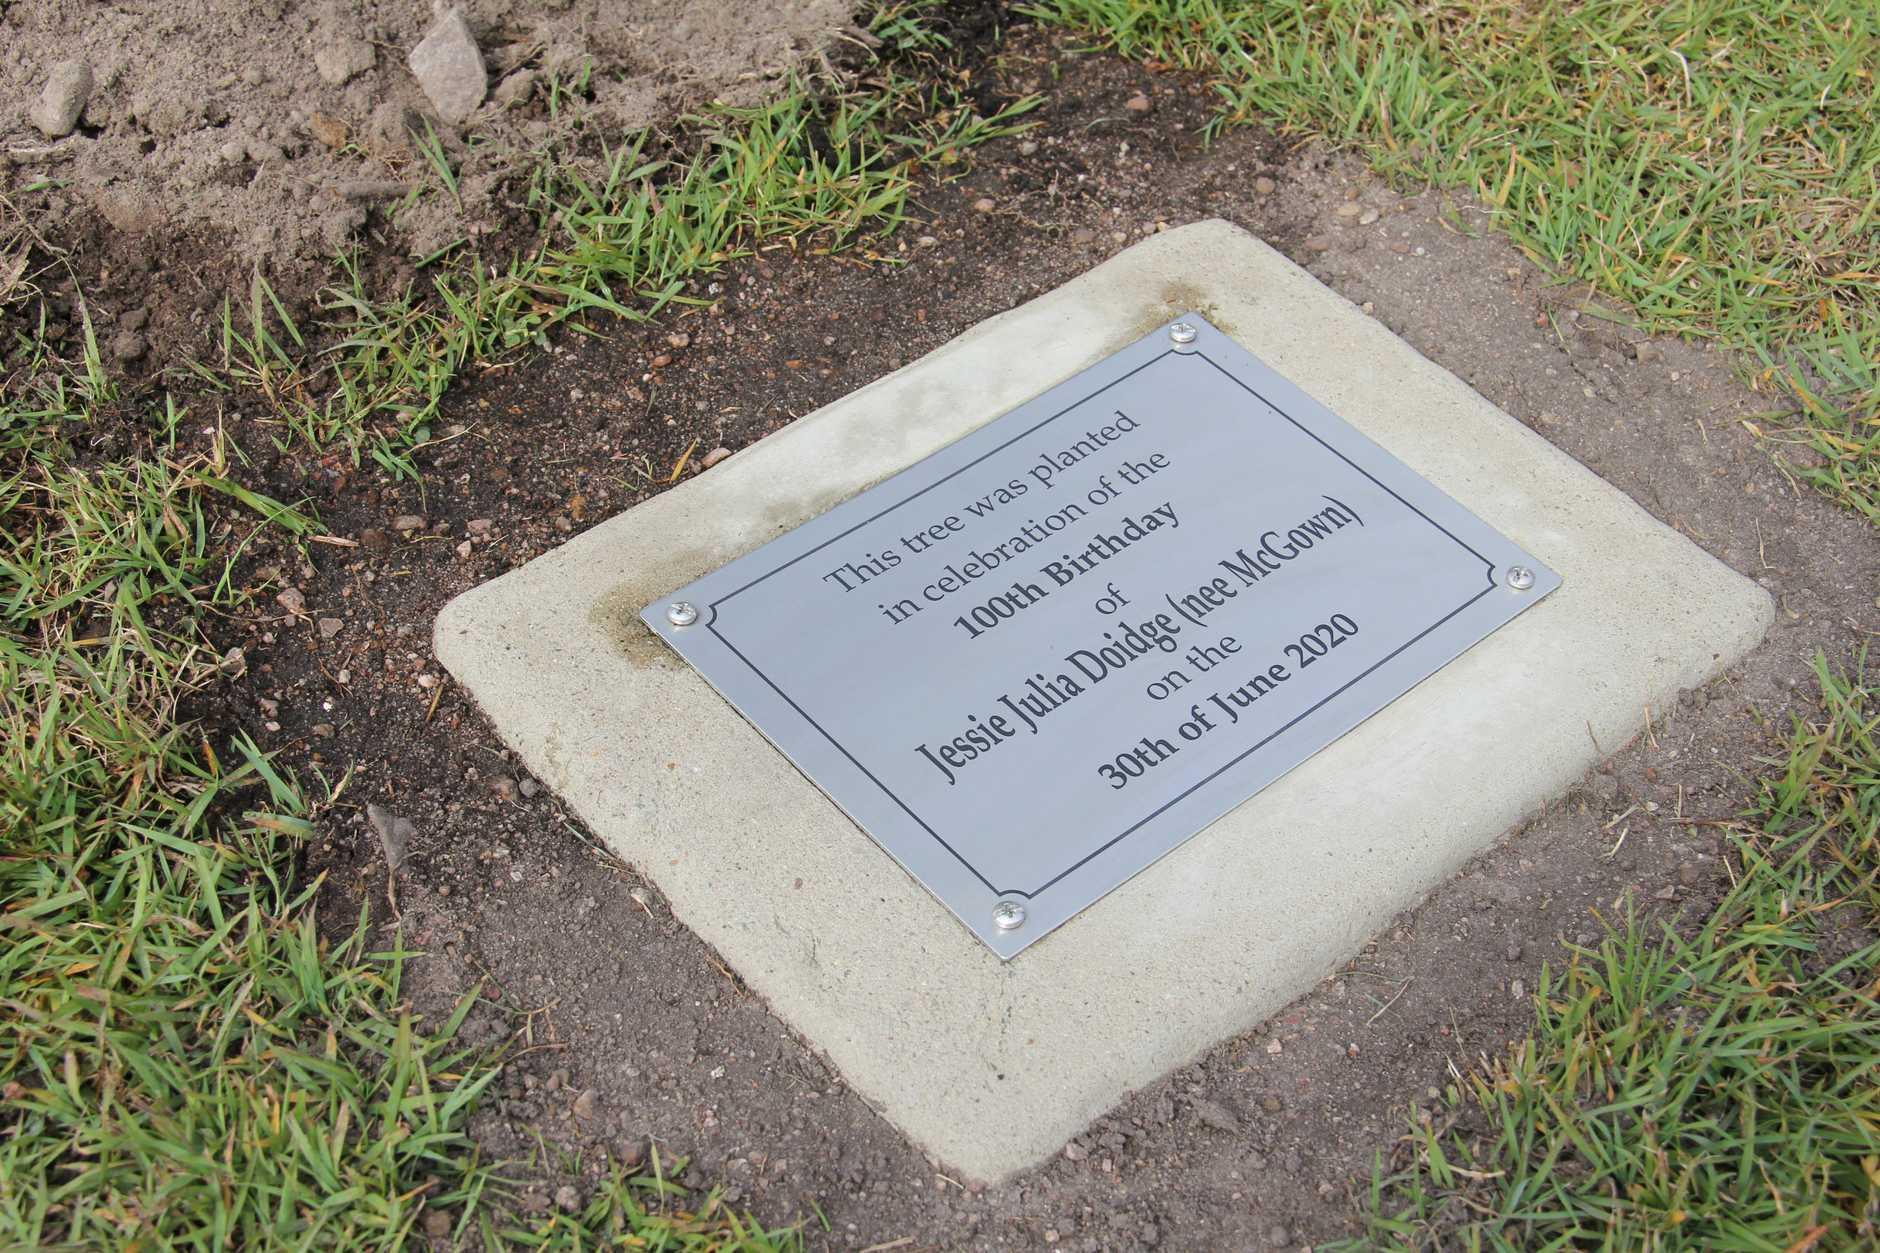 Jessie Doidge's plaque.